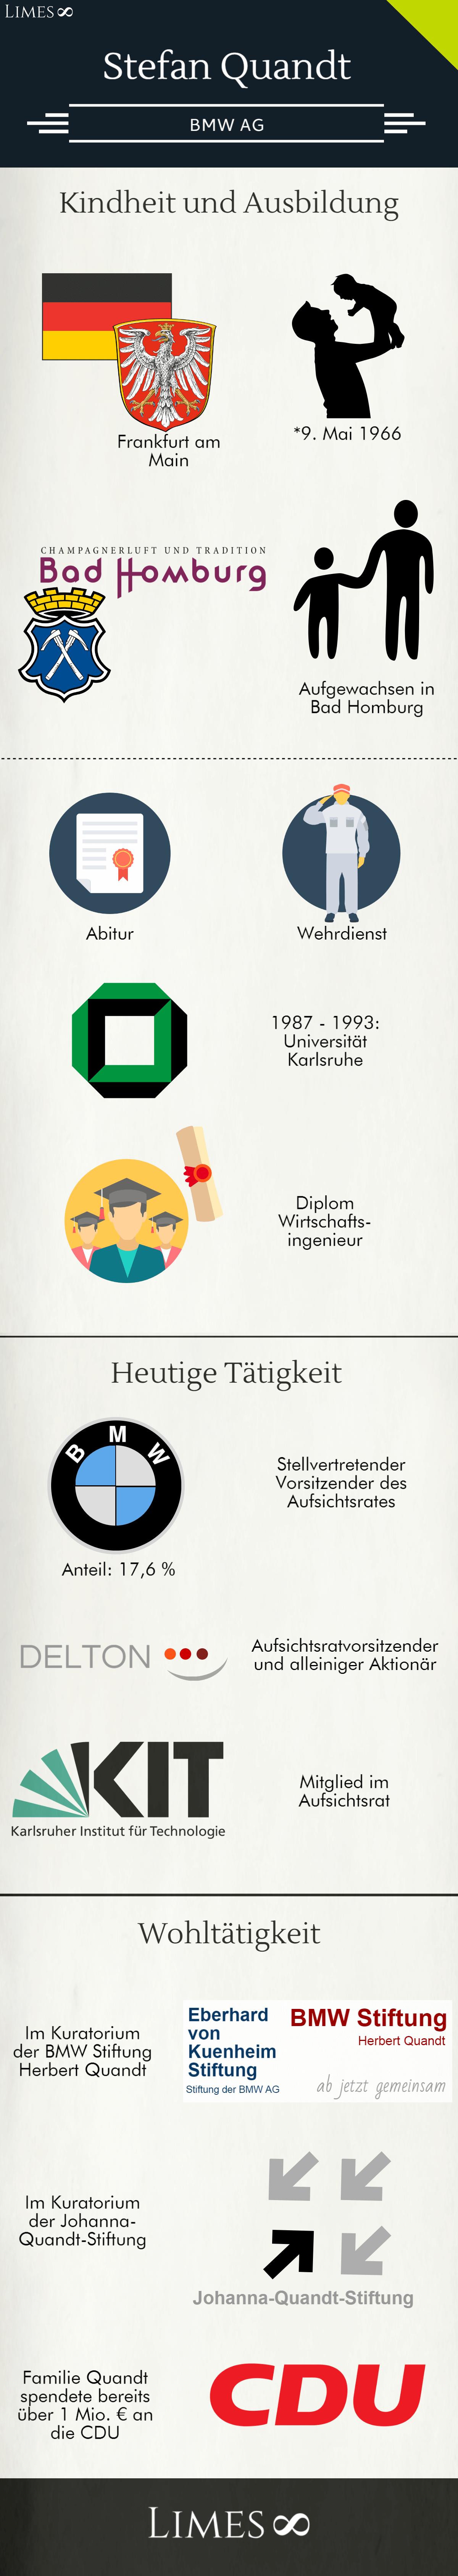 Infografik über Stefan Quandt